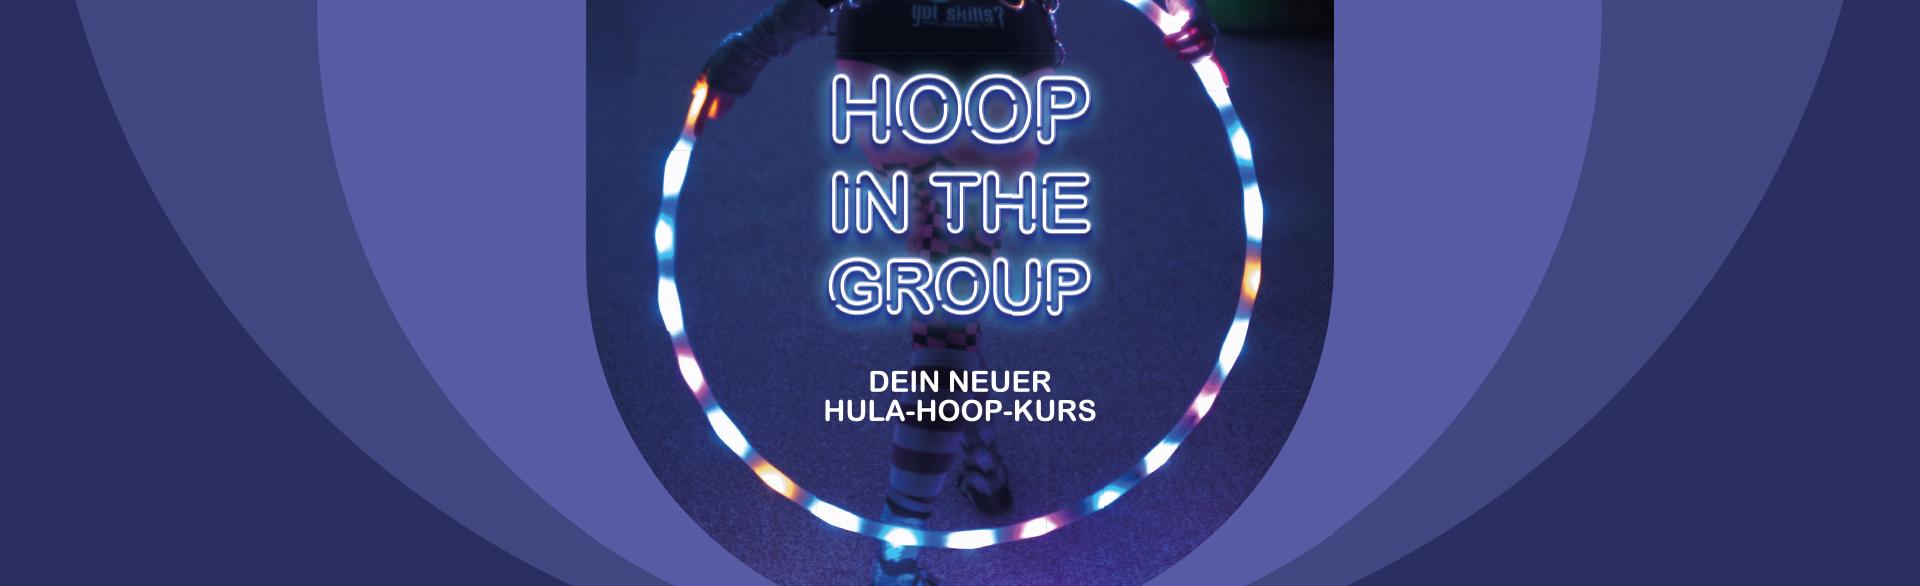 HOOP IN THE GROUP – Dein neuer Hula-Hoop-Kurs